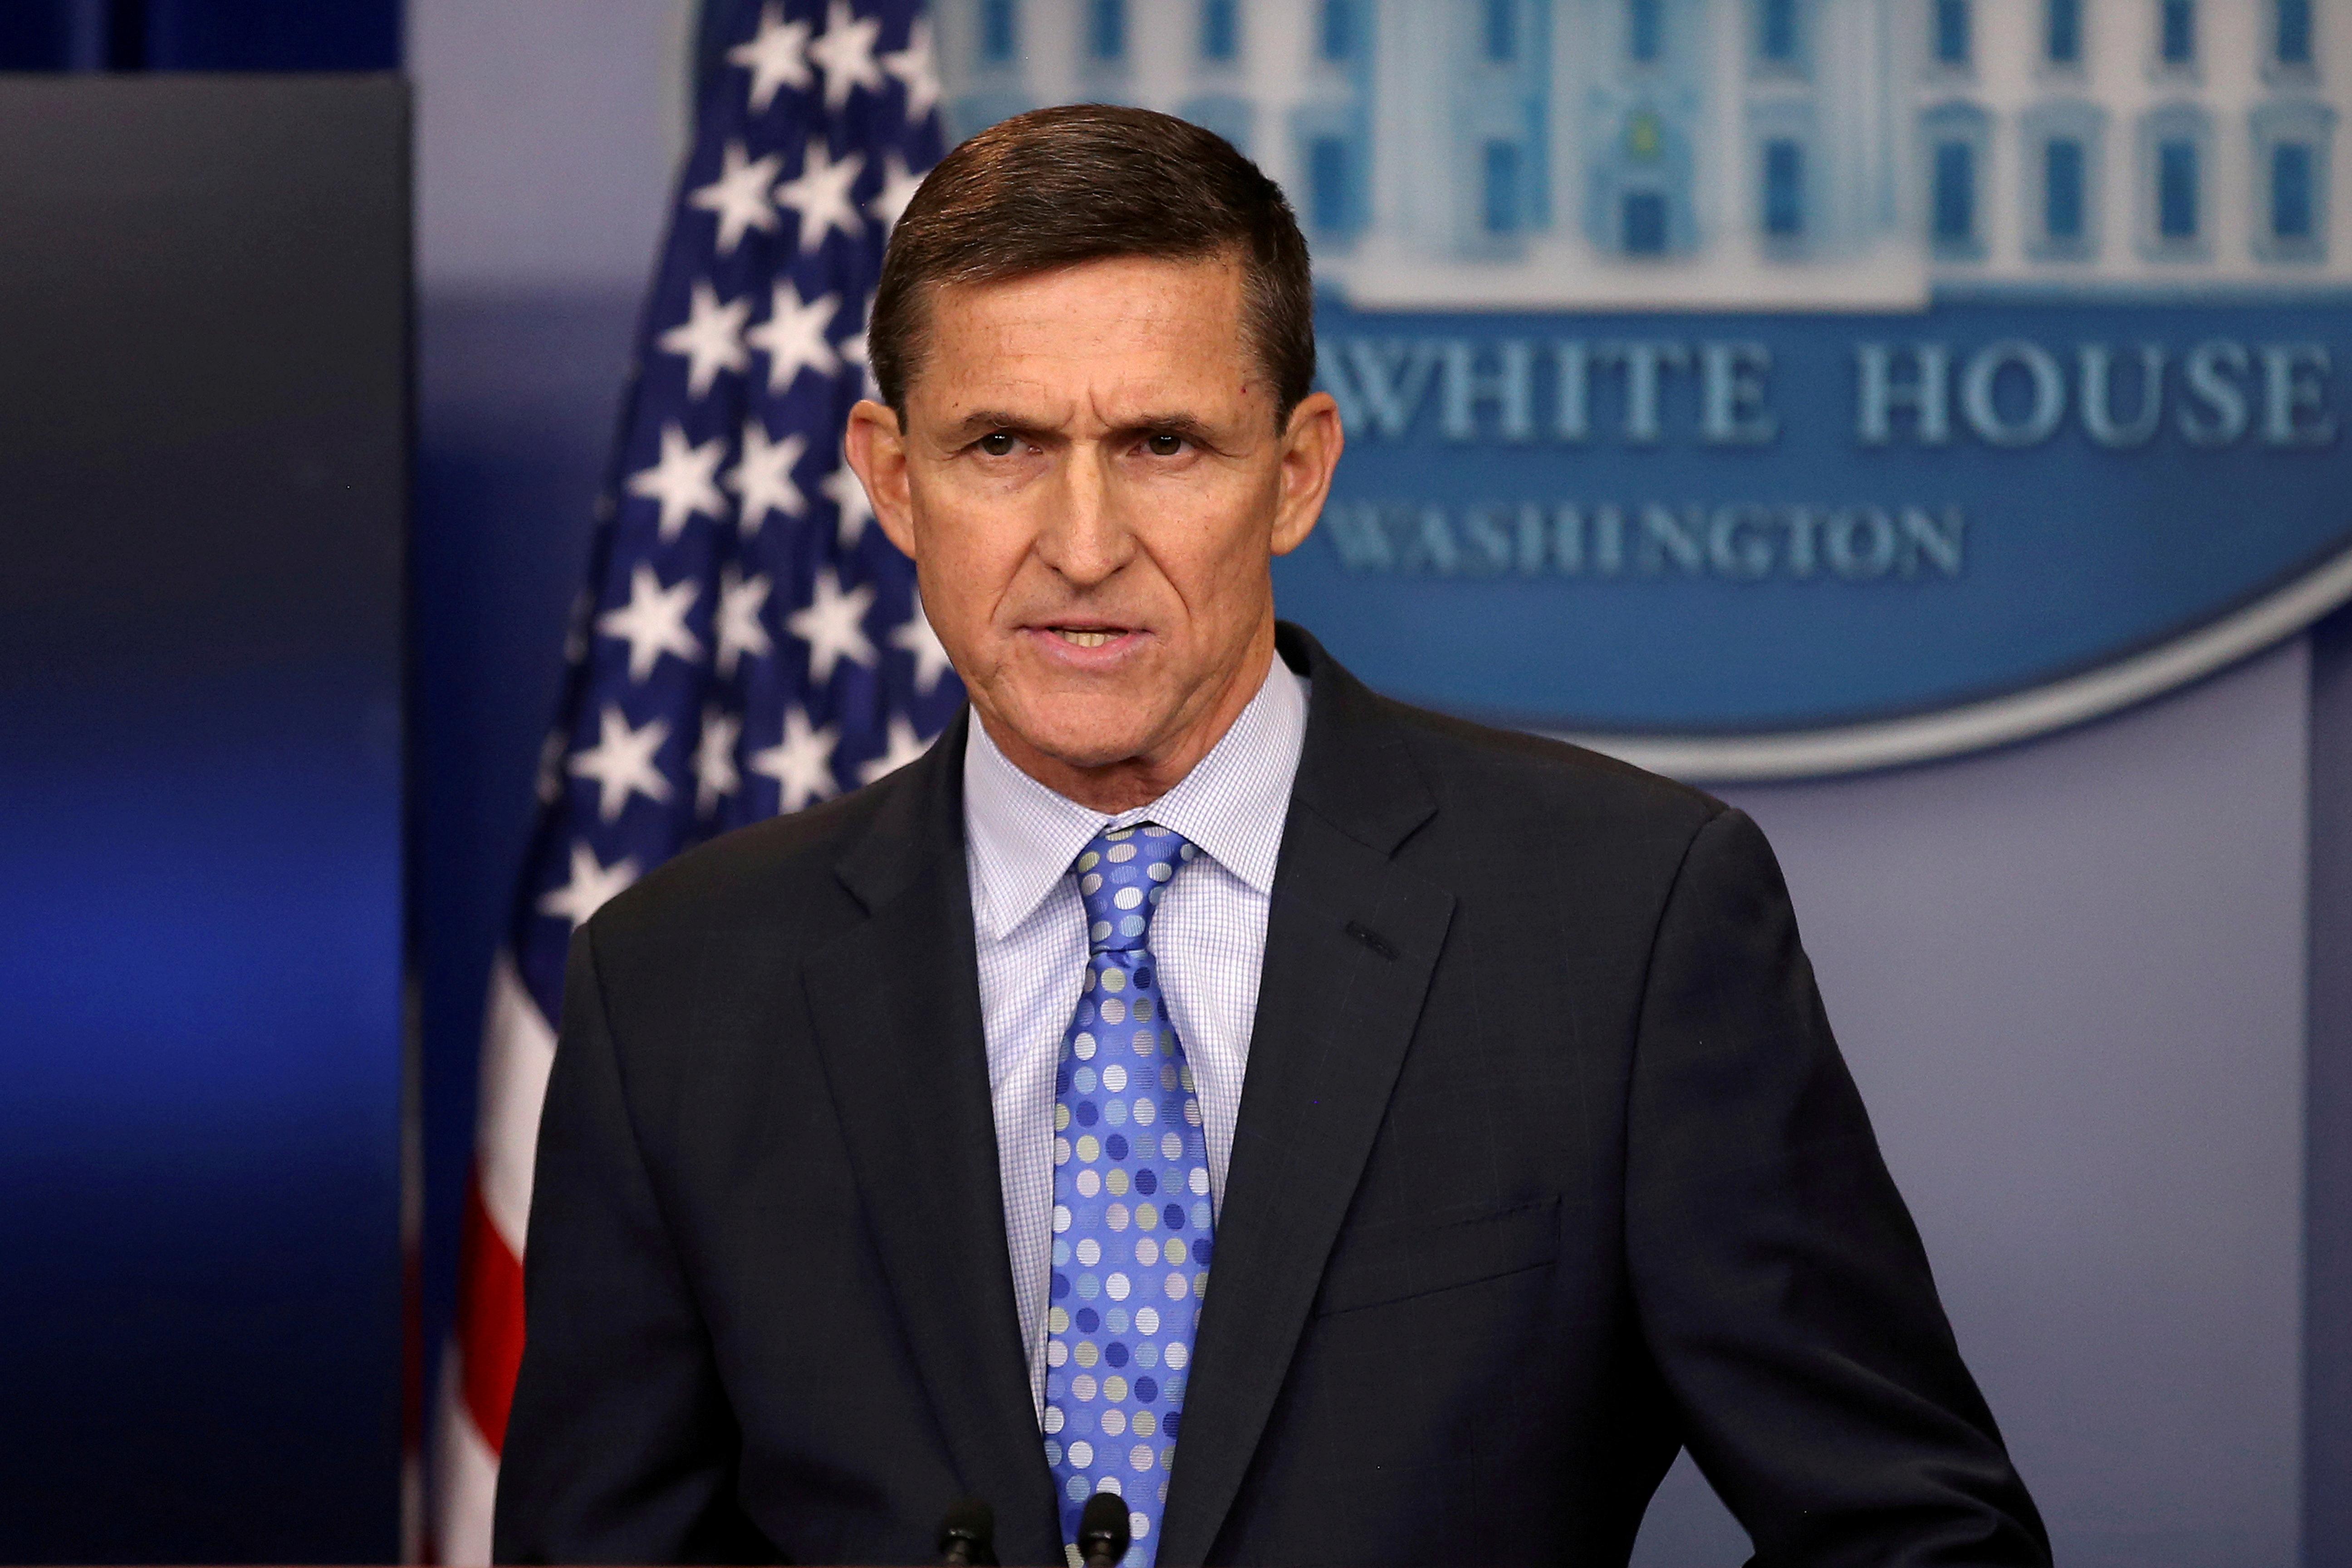 https://www.aljazeera.com/wp-content/uploads/2020/11/2020-11-25T212235Z_1030481004_RC2LAK92F7HF_RTRMADP_3_USA-TRUMP-FLYNN.jpg